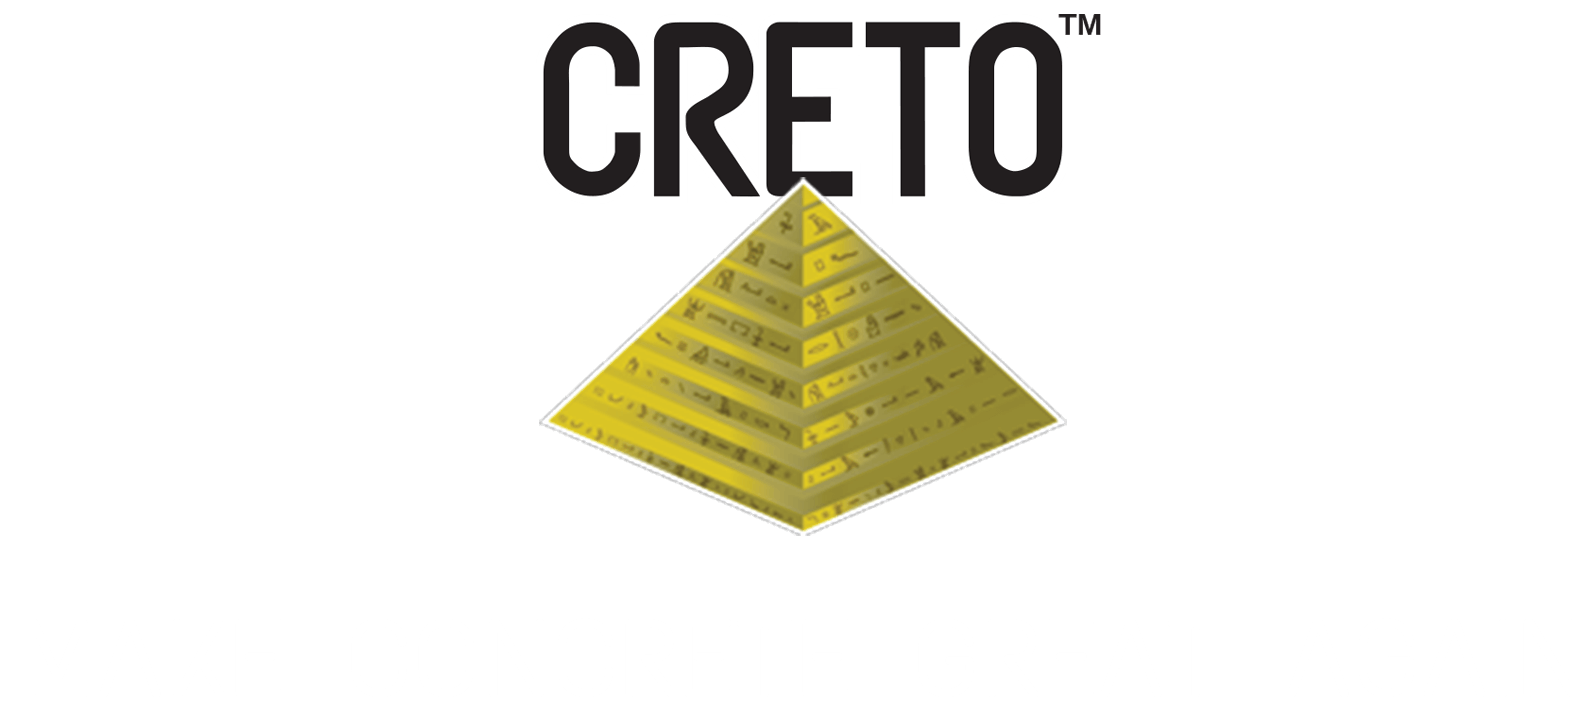 Creto Seal